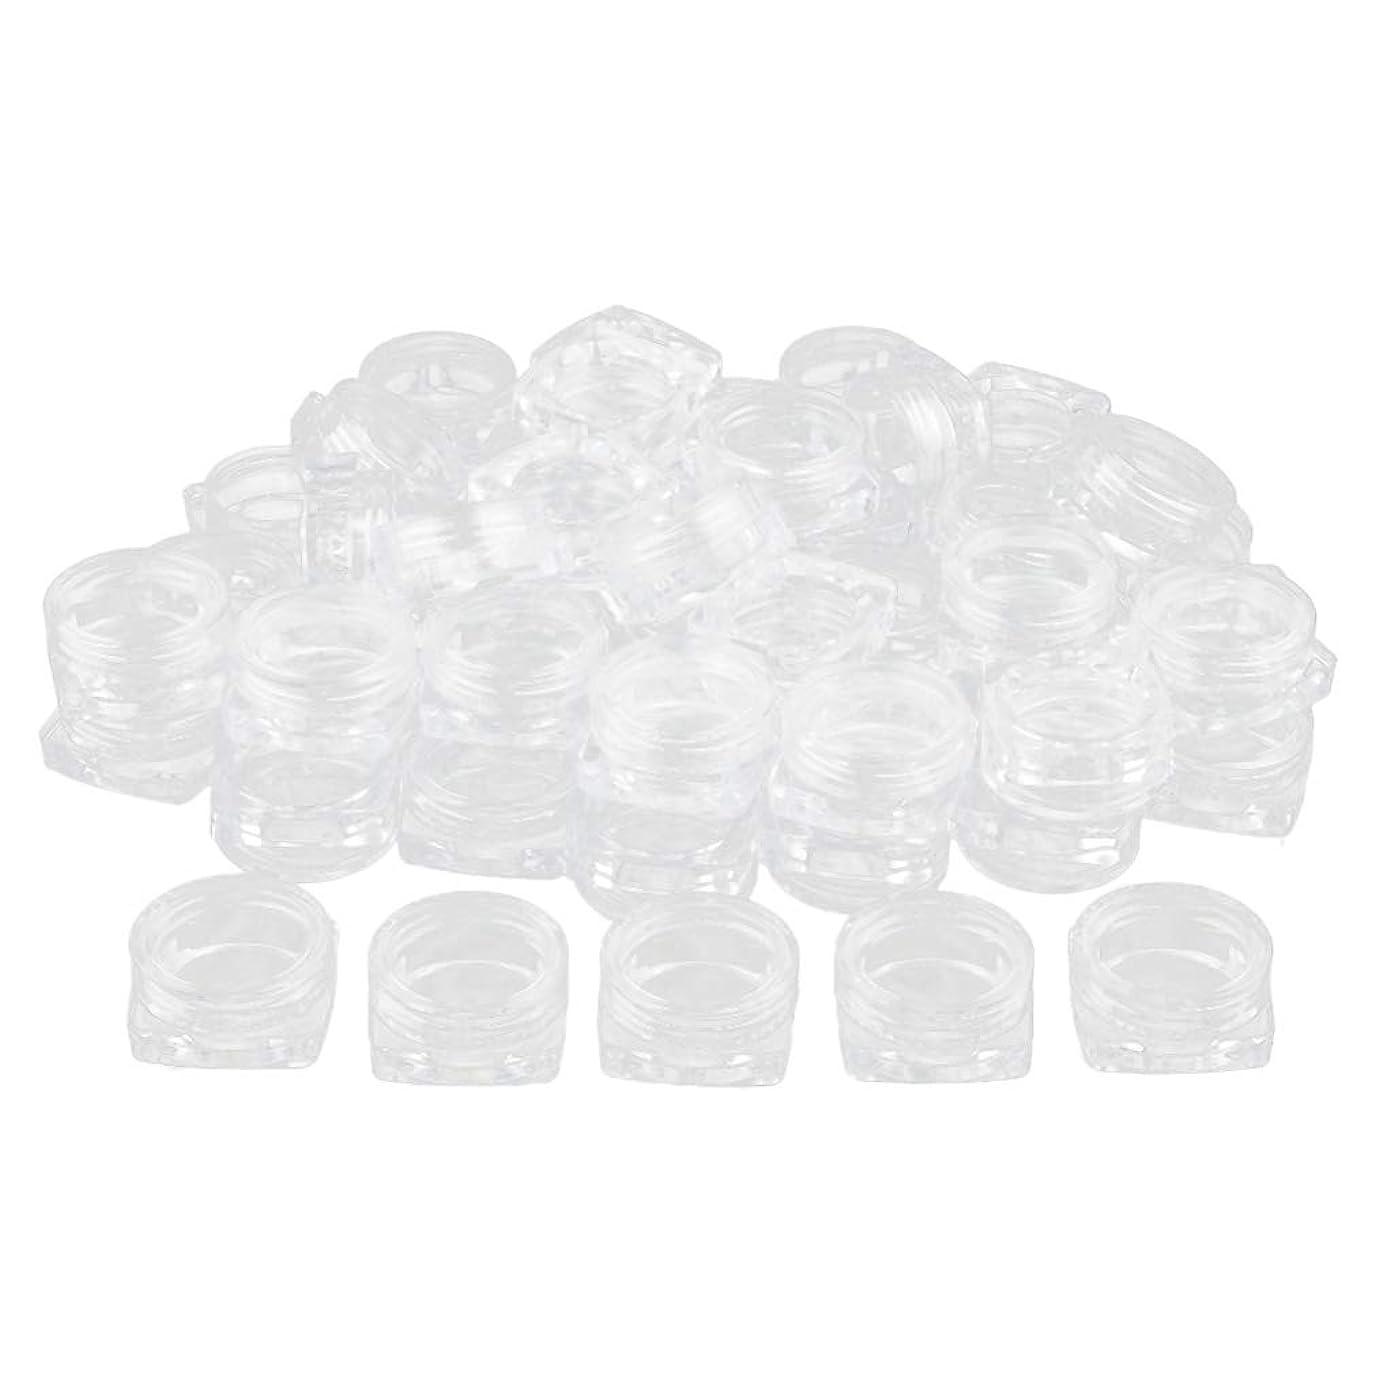 有利刺すコイルBaoblaze 約50個 メイクアップボトル クリア ポット コスメ 化粧品 詰替え容器 プラスチックジャー - 3g